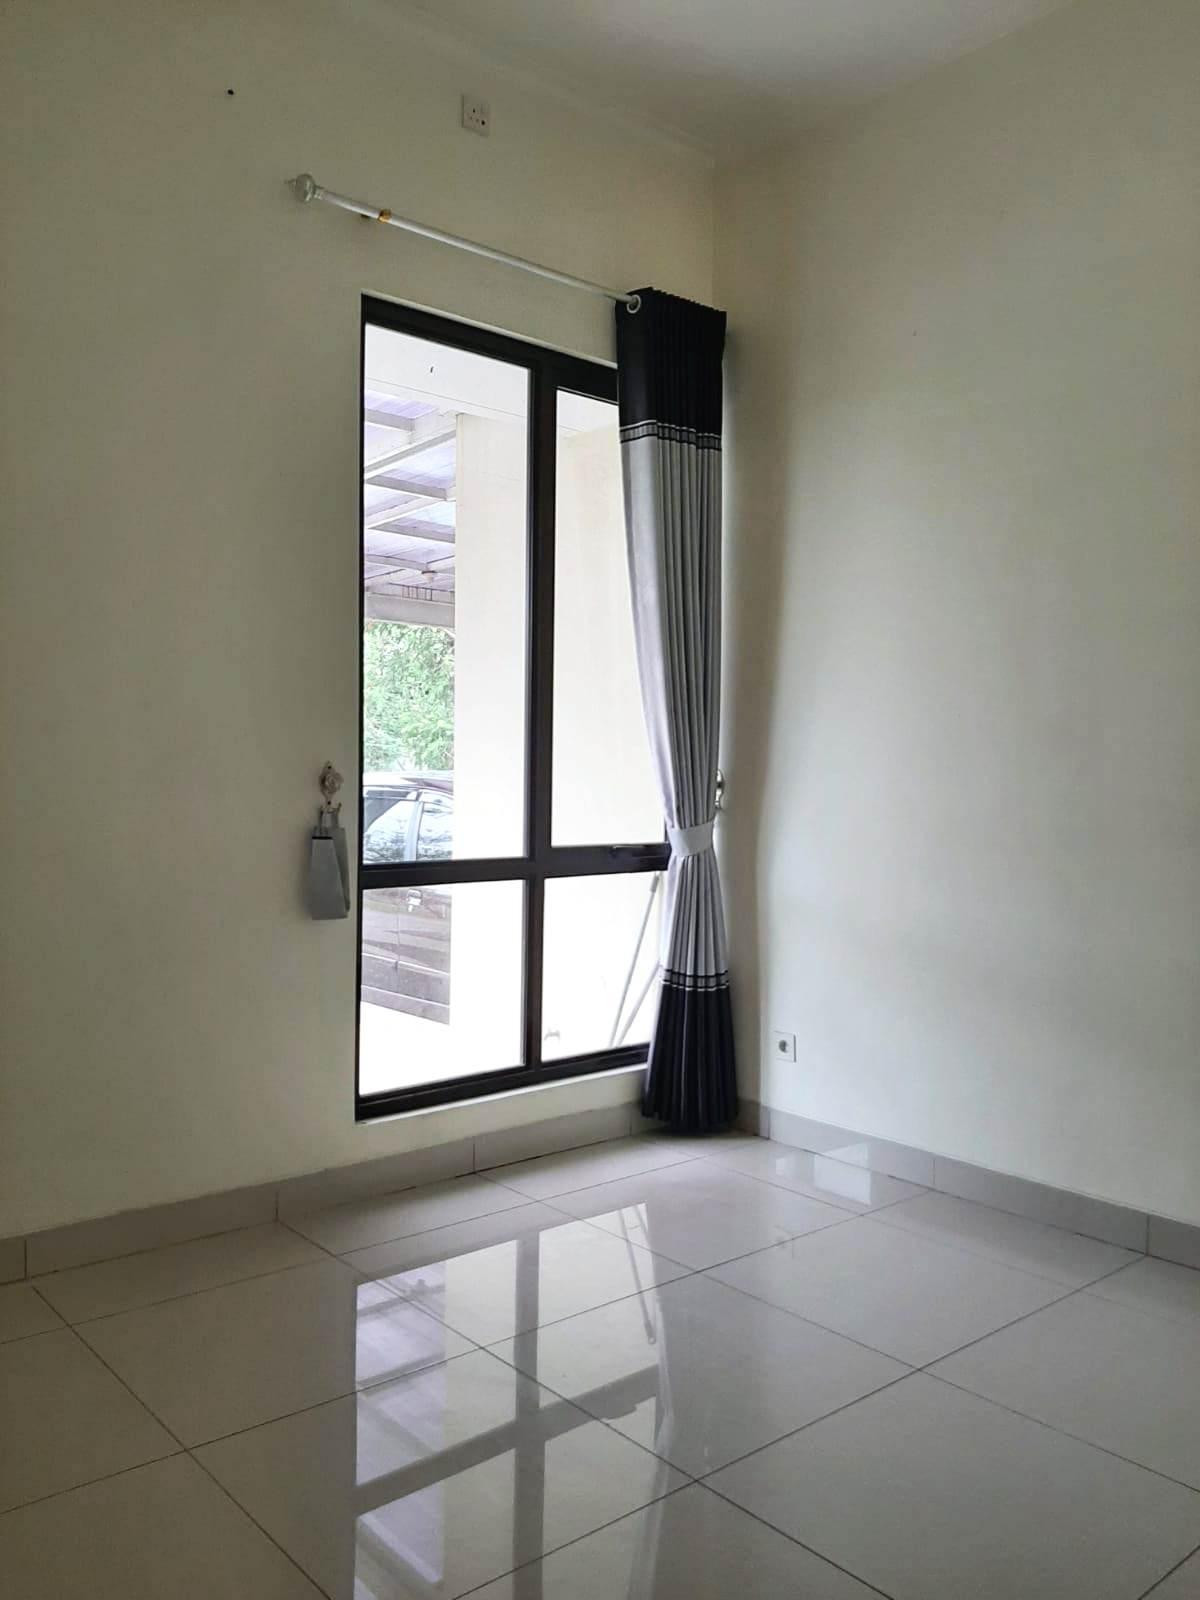 Rumah Siap Huni Cluster Arana Kota Harapan Indah Bekasi - 6